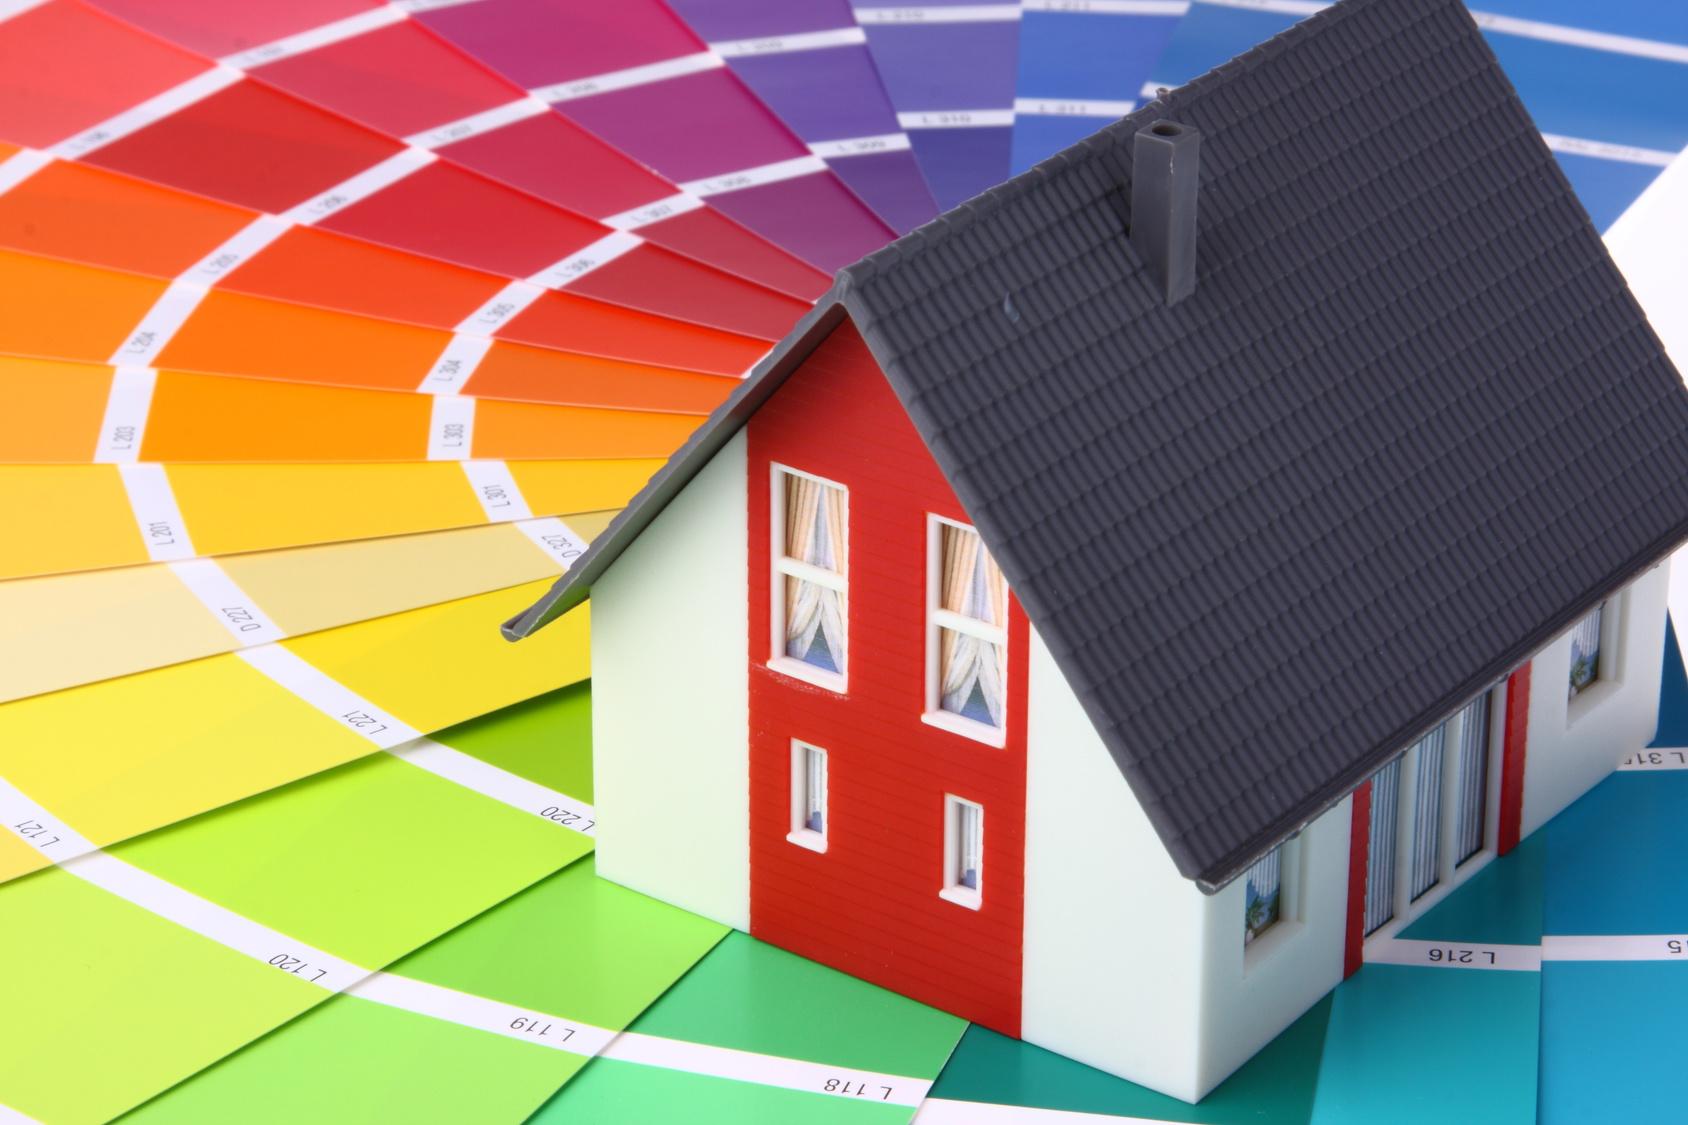 Die passende Fassadenfarbe zu finden ist nicht immer einfach